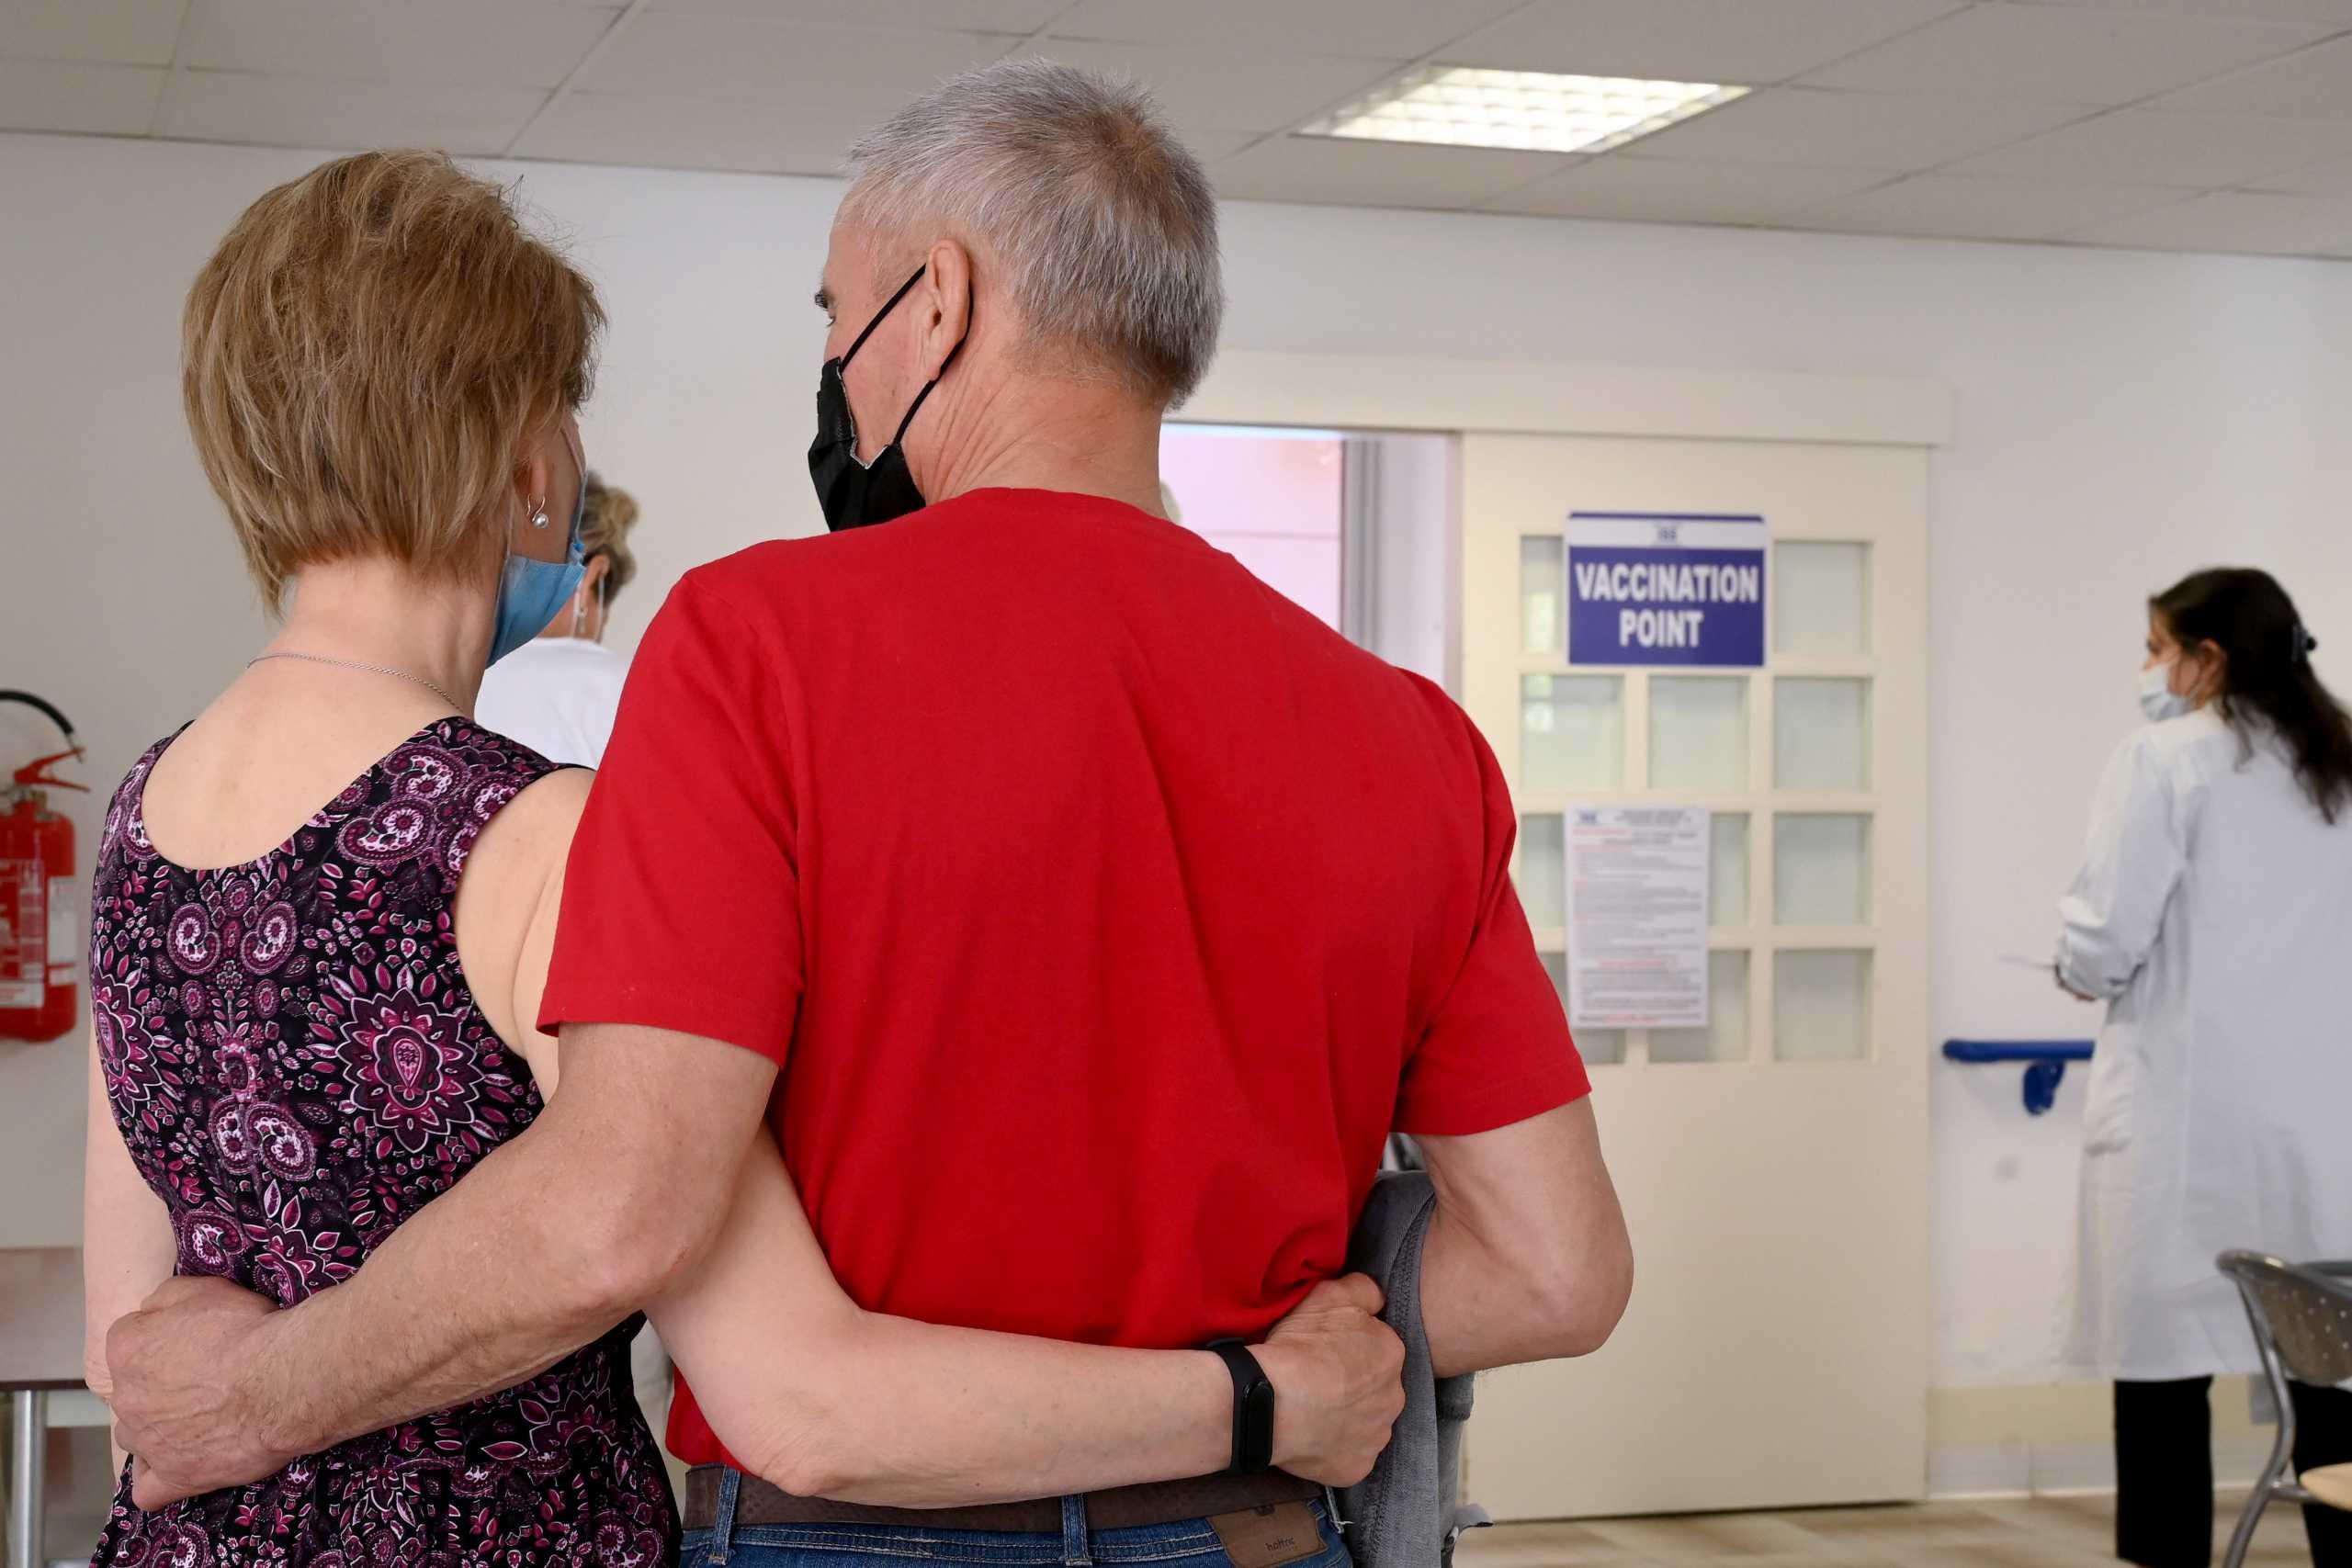 Κορονοϊός: Ανοσία για έναν χρόνο μετά τον πλήρη εμβολιασμό – Τι έδειξε έρευνα του ΕΚΠΑ